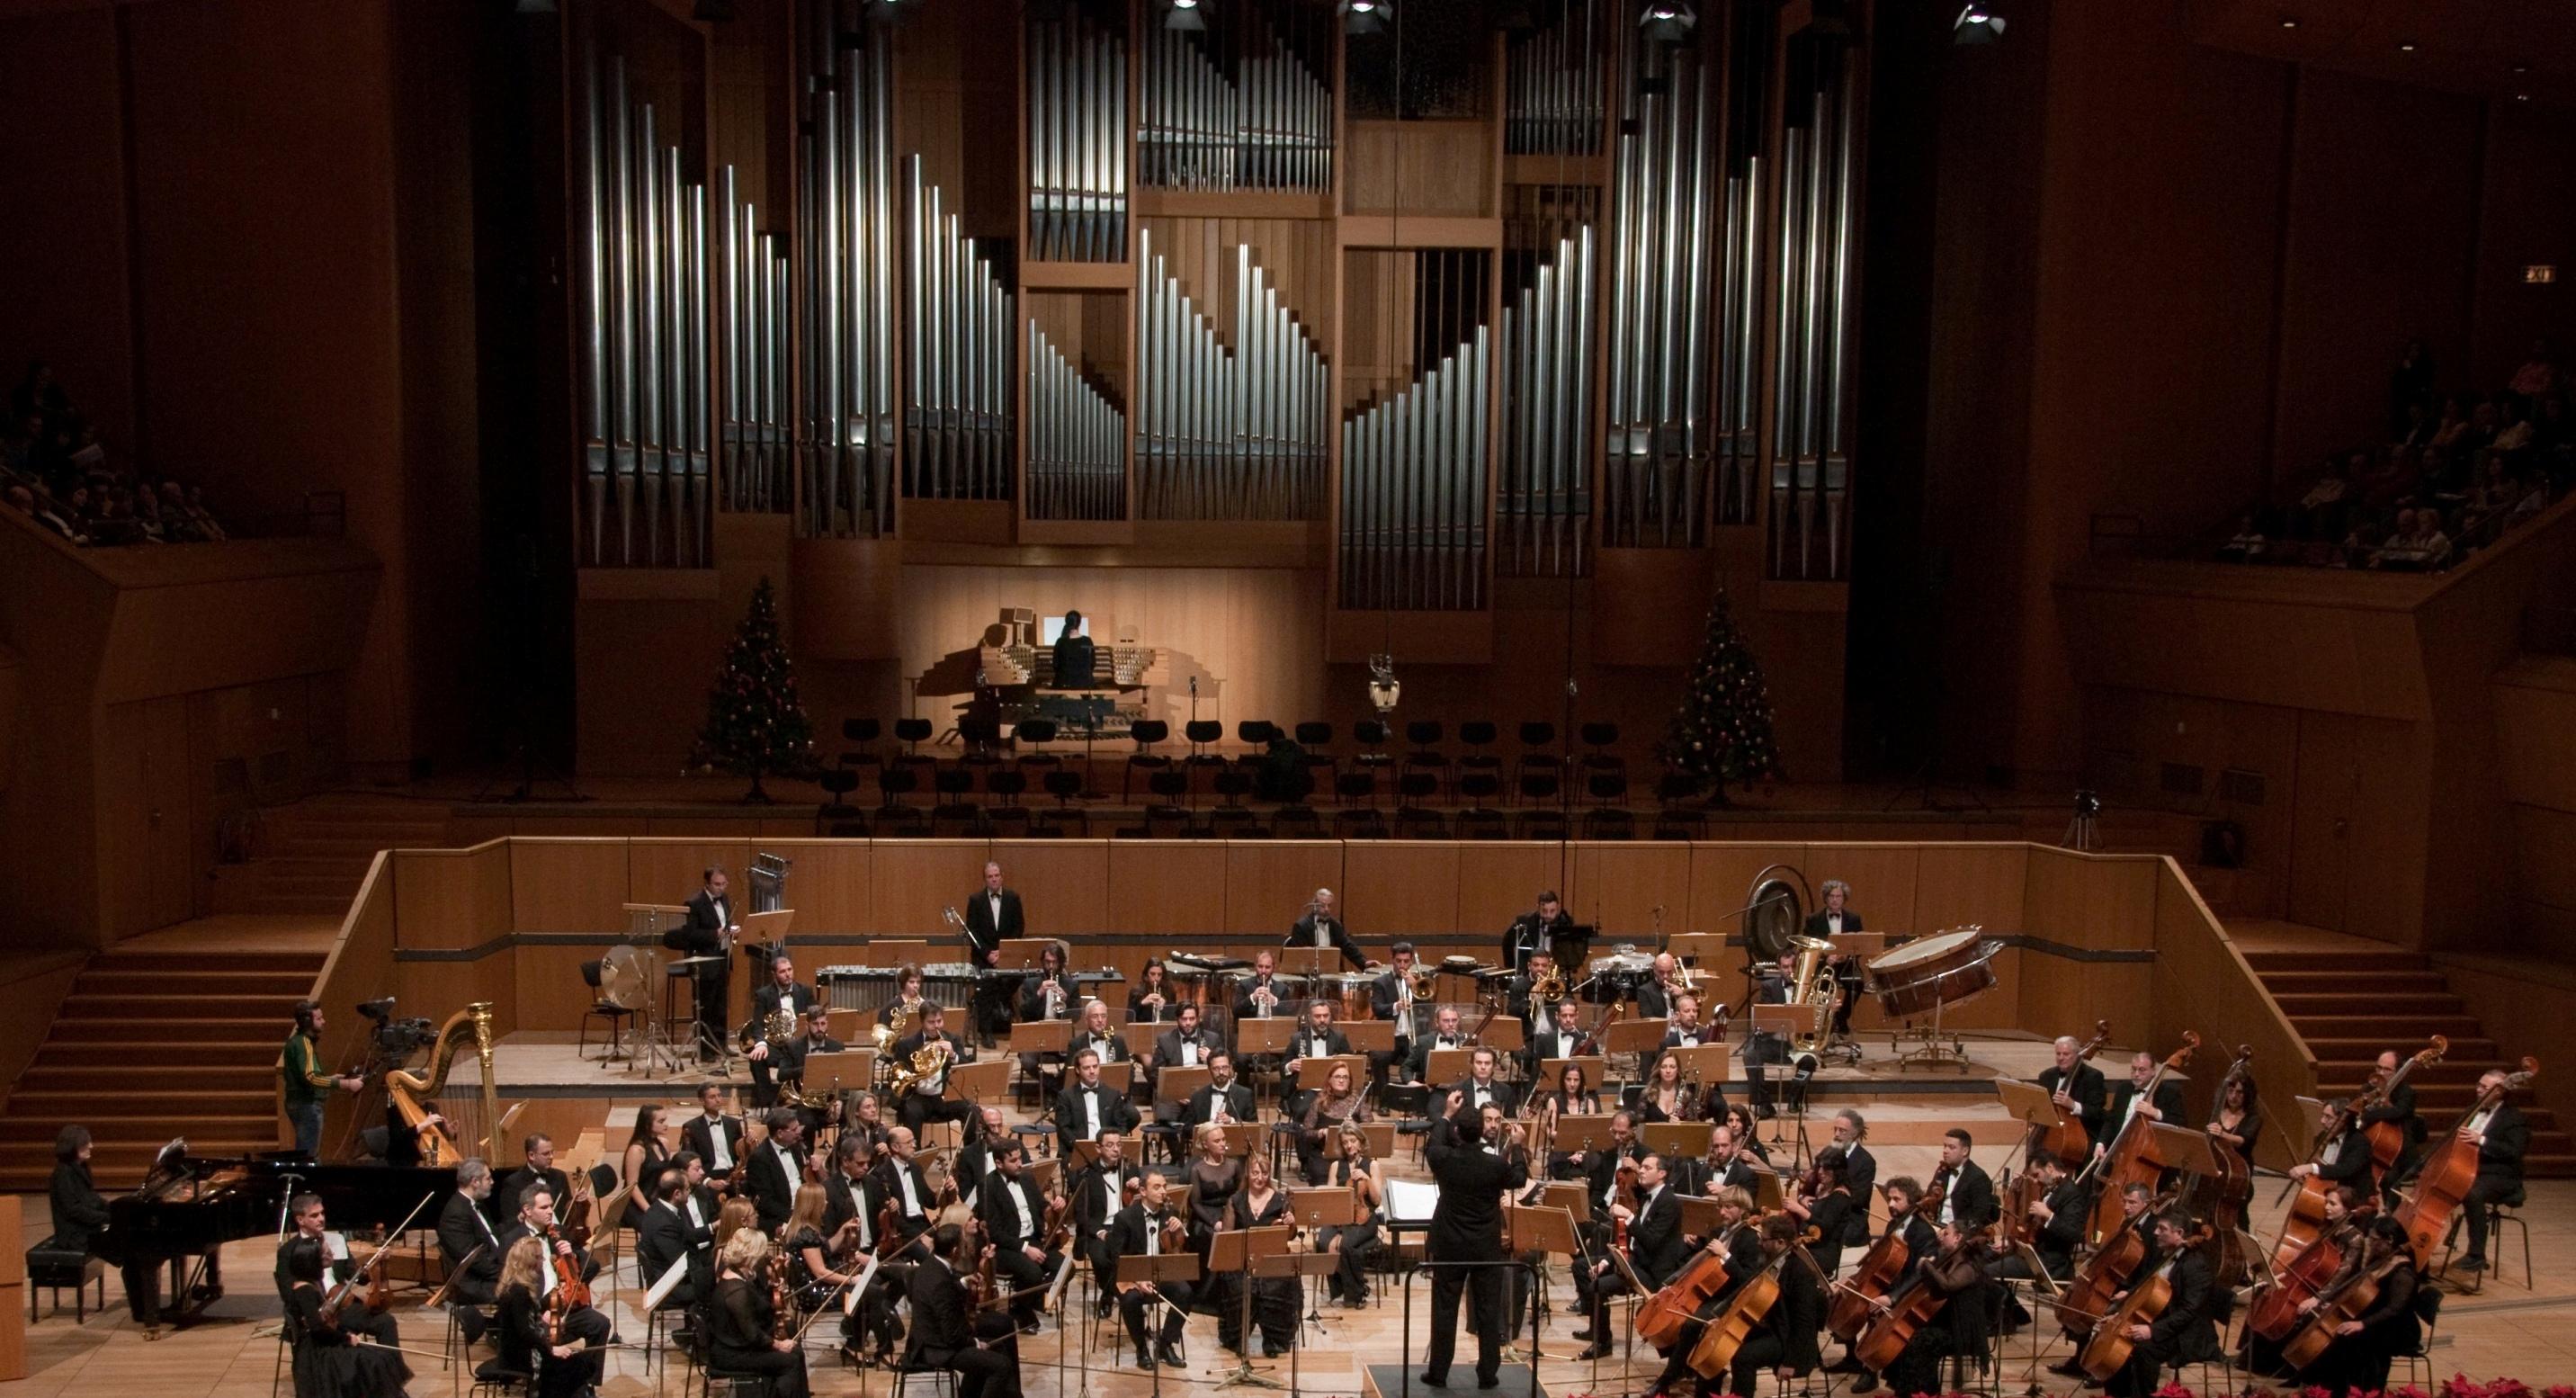 Εθνική-Συμφωνική-Ορχήστρα